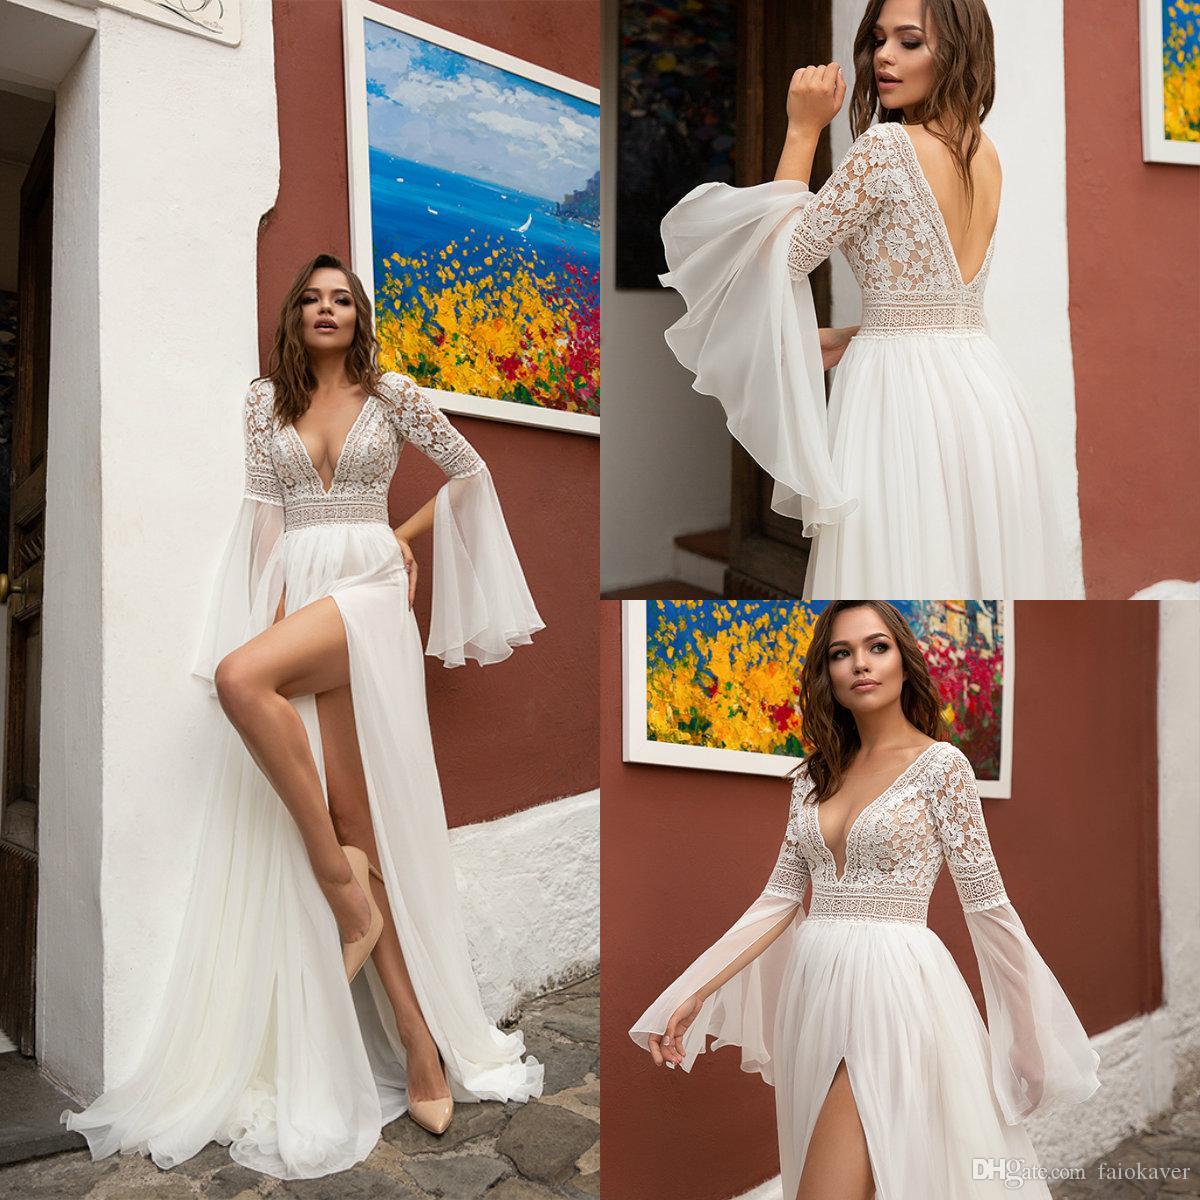 Oksana Mukha Praia Vestidos de casamento A Linha de Trem da varredura V Neck Boho vestido de casamento Custom Made Plus Size Bohemia vestidos de noiva manga comprida